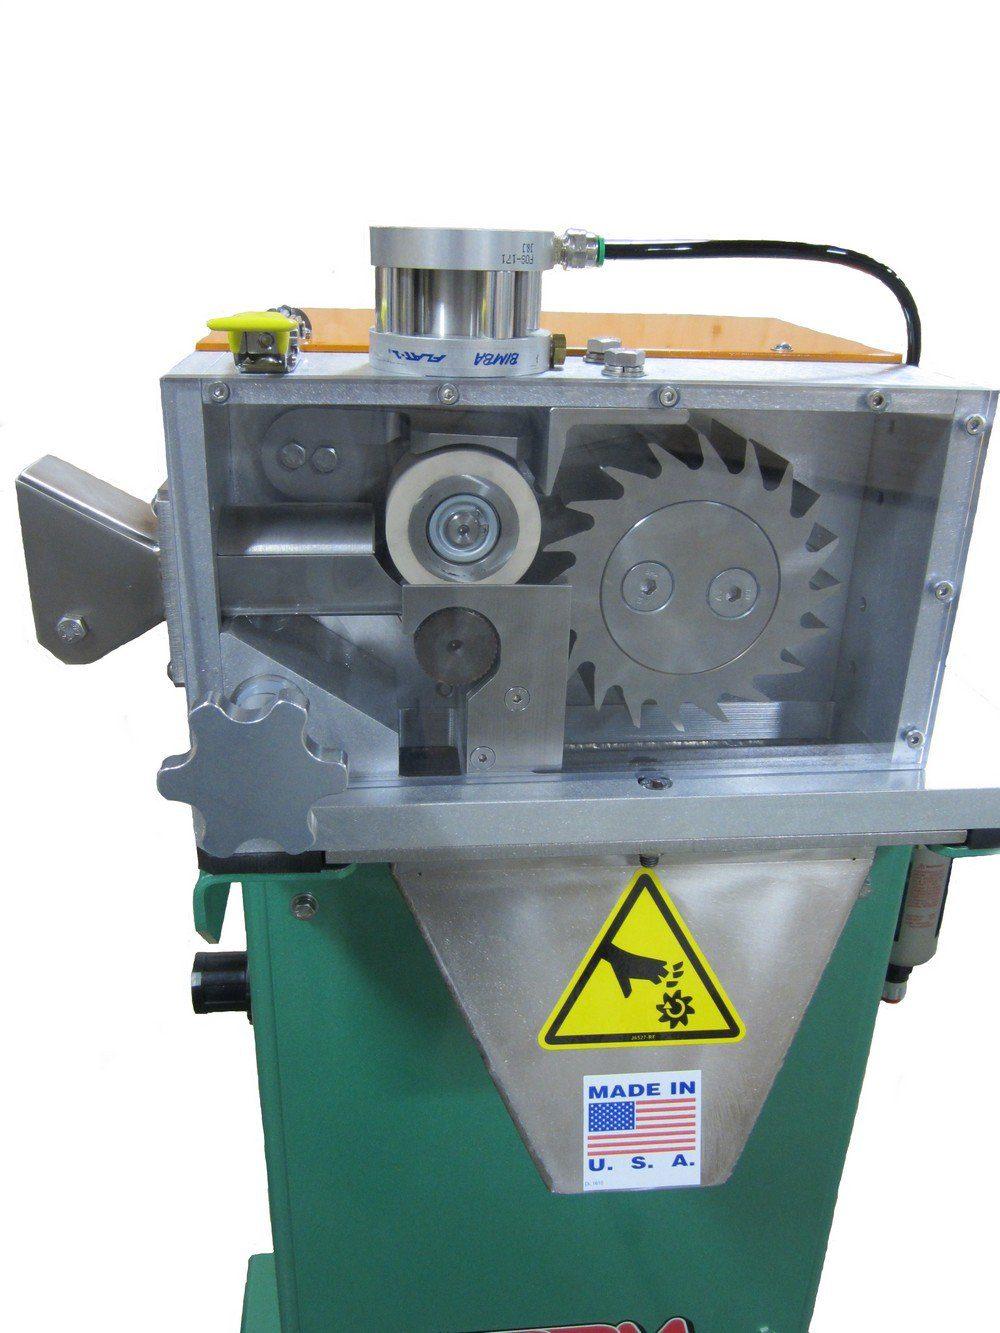 Bay Plastics Machinery 005